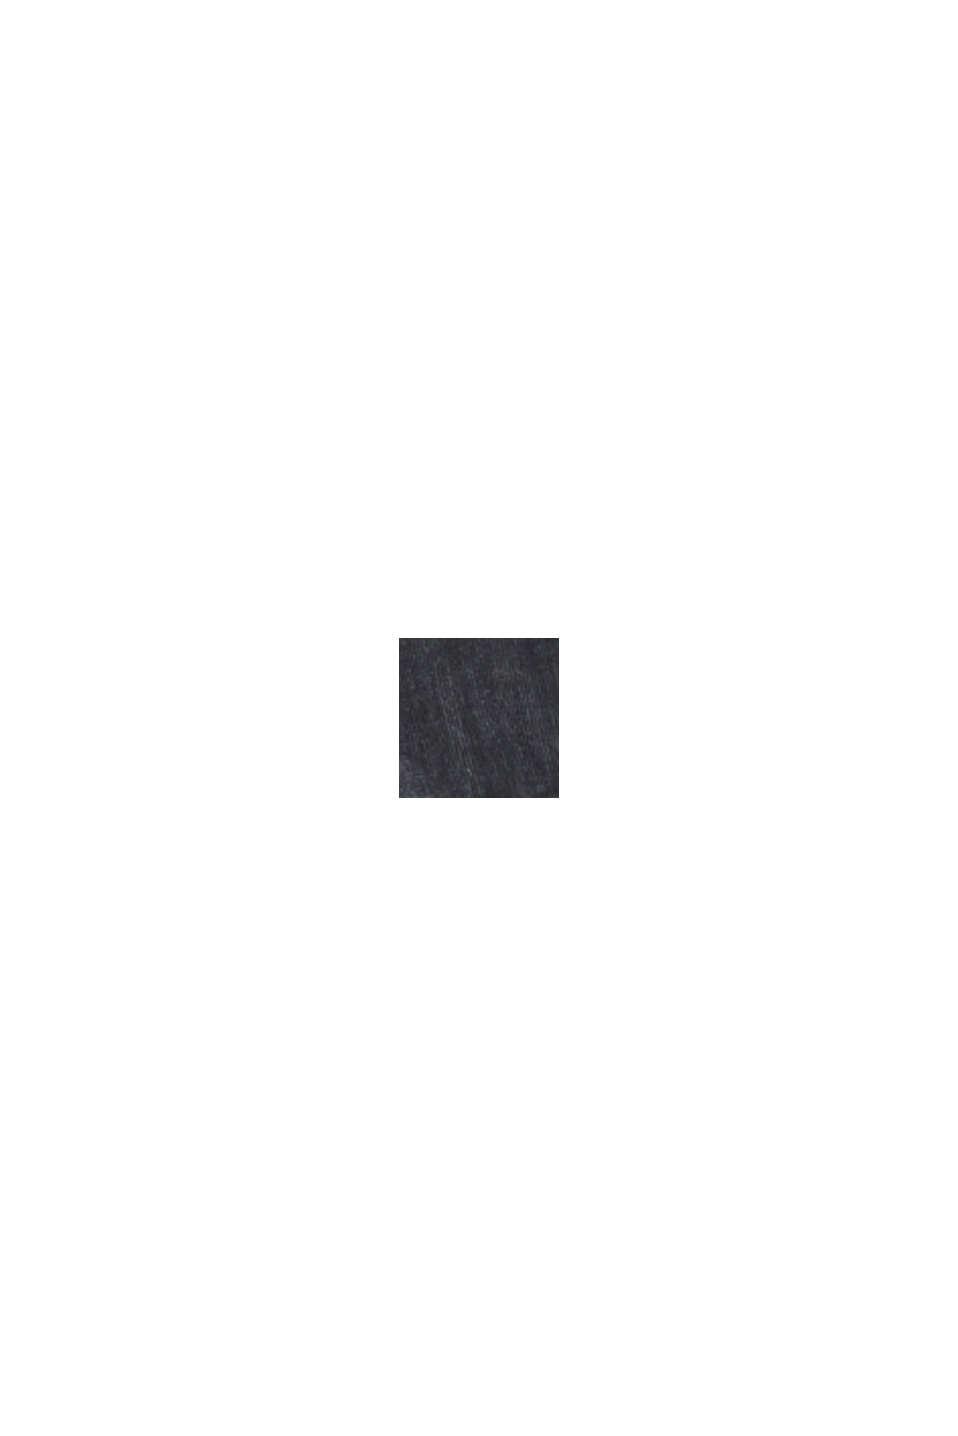 Albornoz de hombre con rayas, 100% algodón, GREY STEEL, swatch